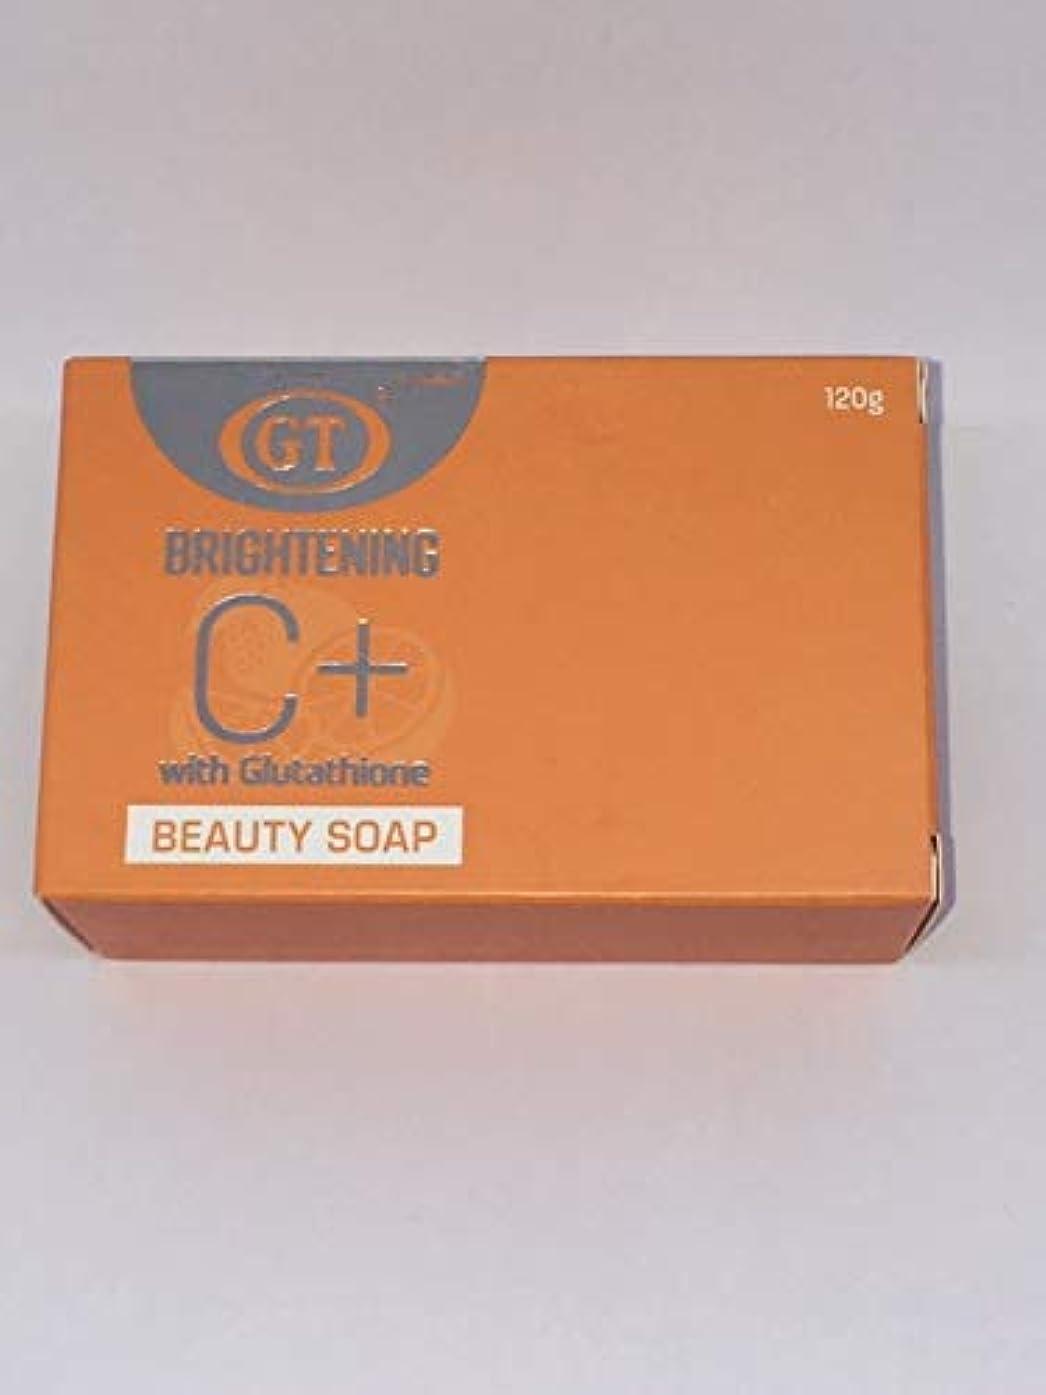 邪魔予想外許容できるGT COSMETICS ビタミンC+グルタチオン配合ソープ 120g